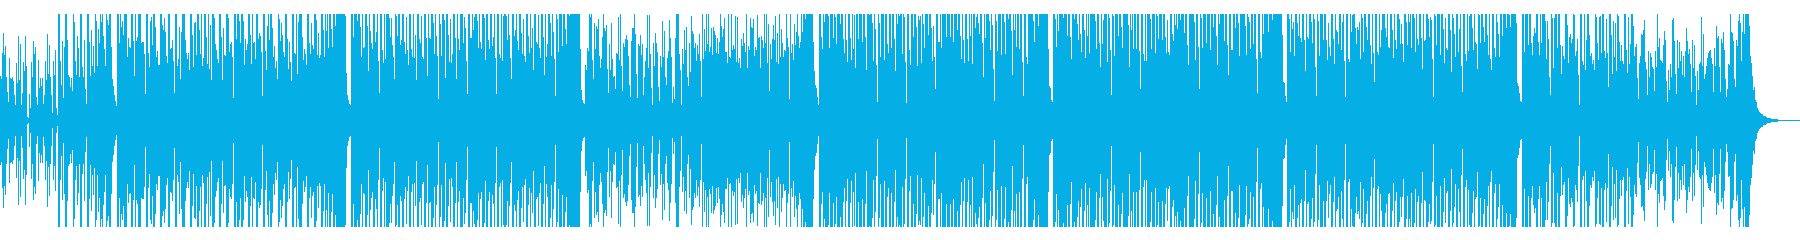 アドレナリンの再生済みの波形